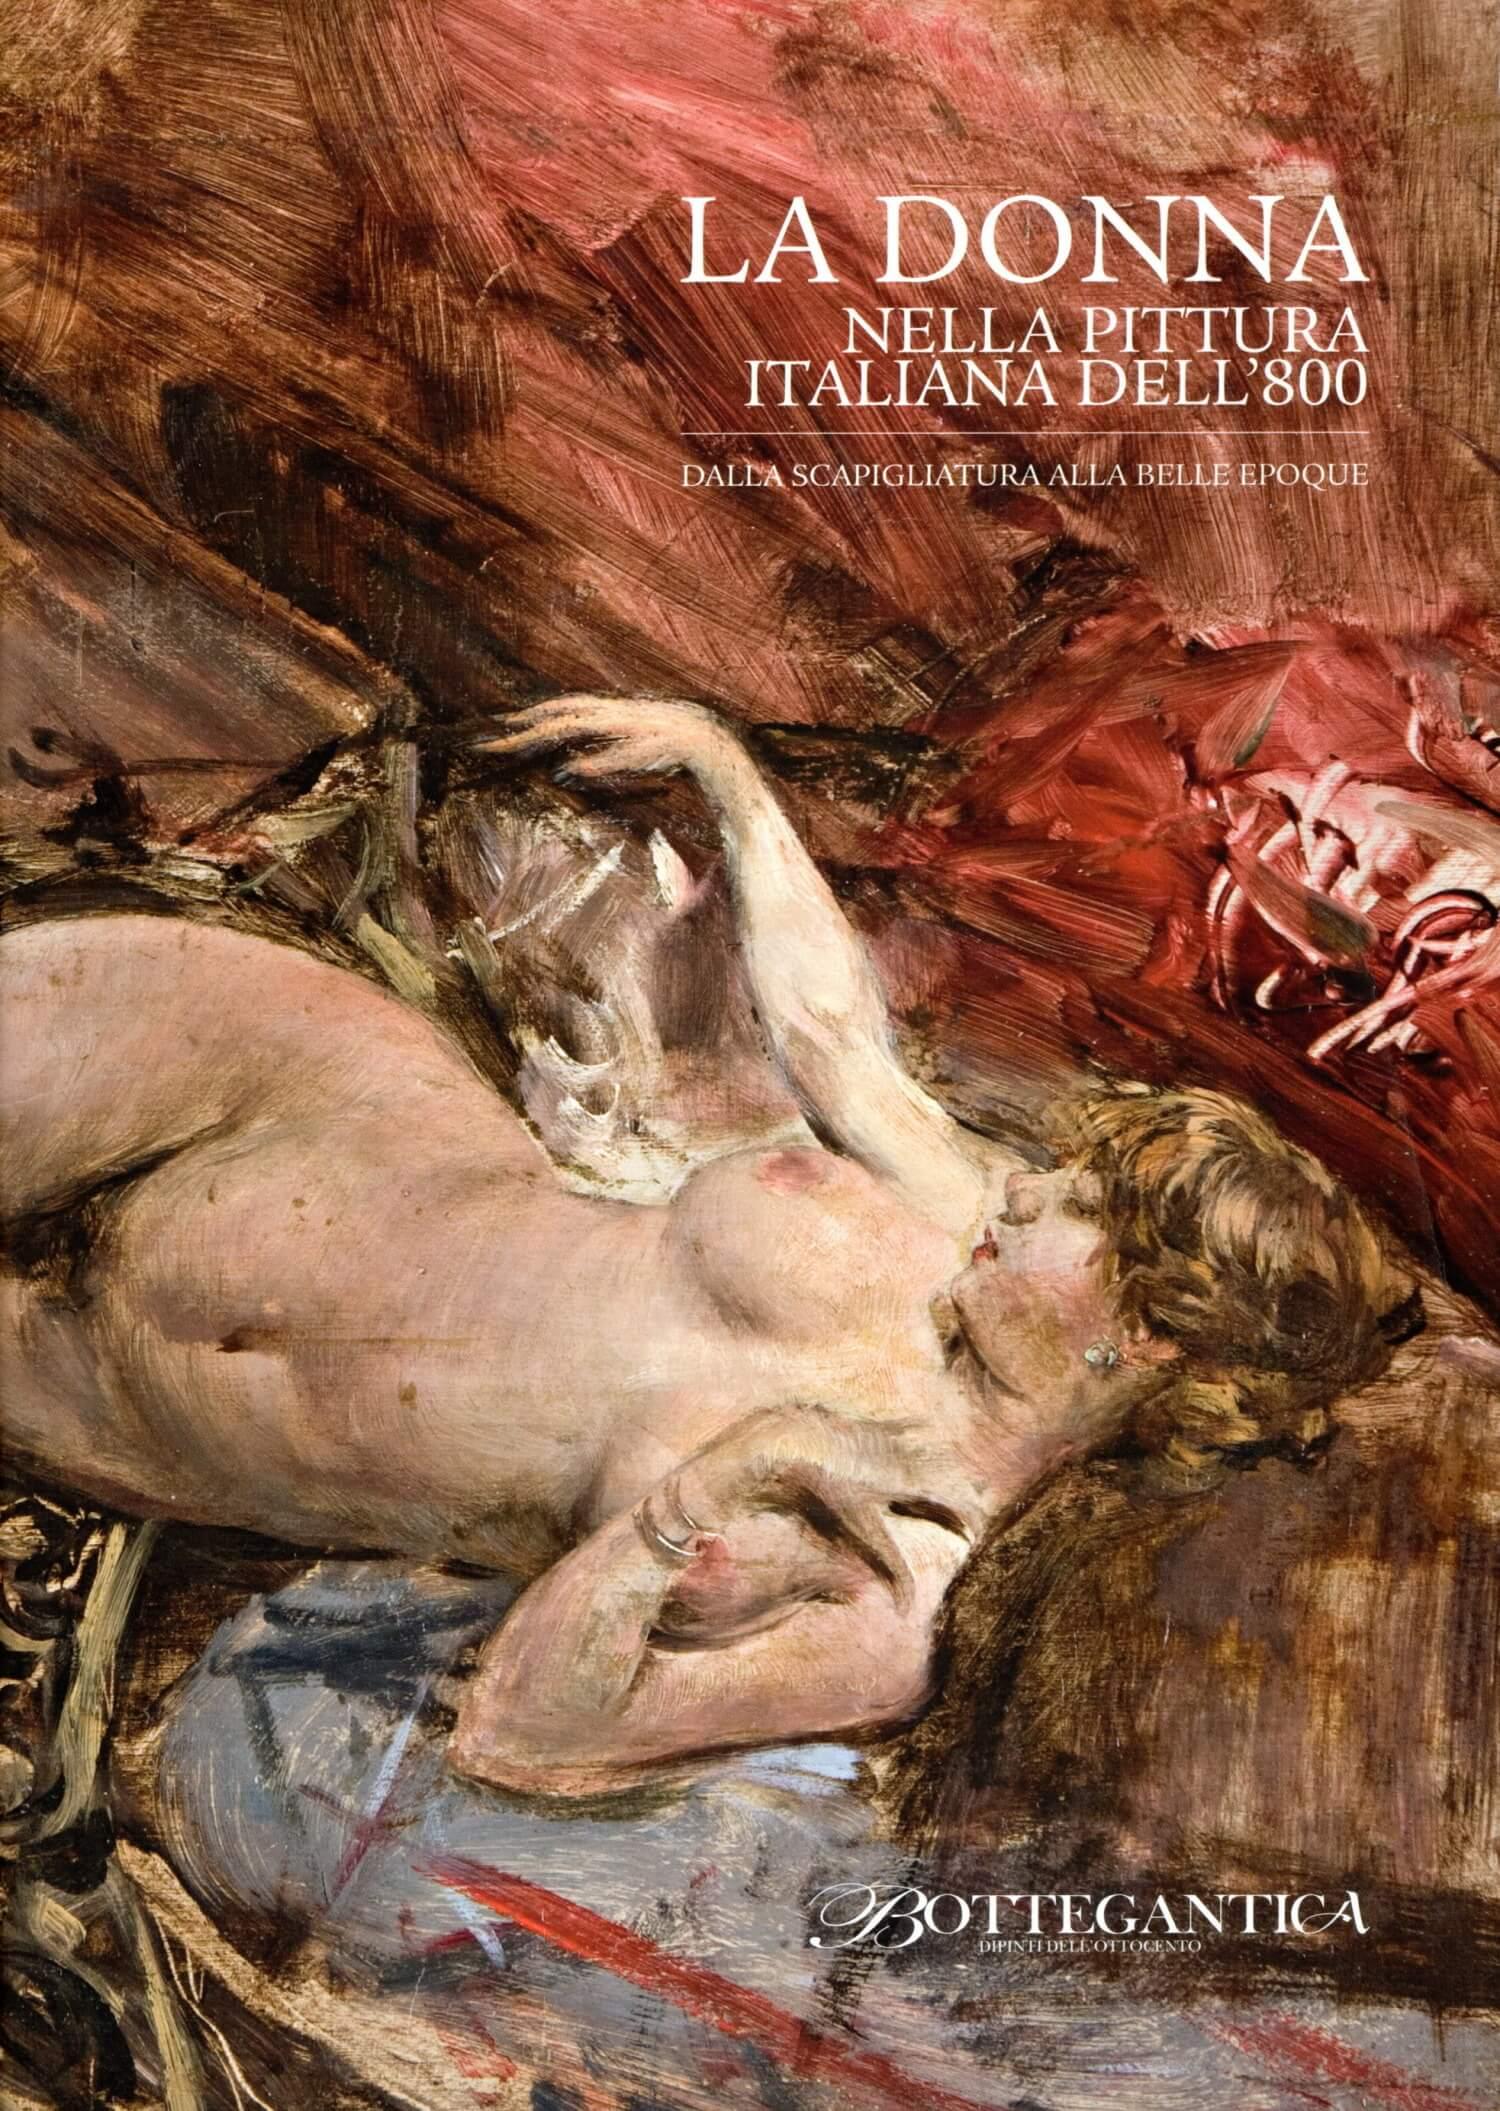 La donna, Nella pittura italiana dell'800